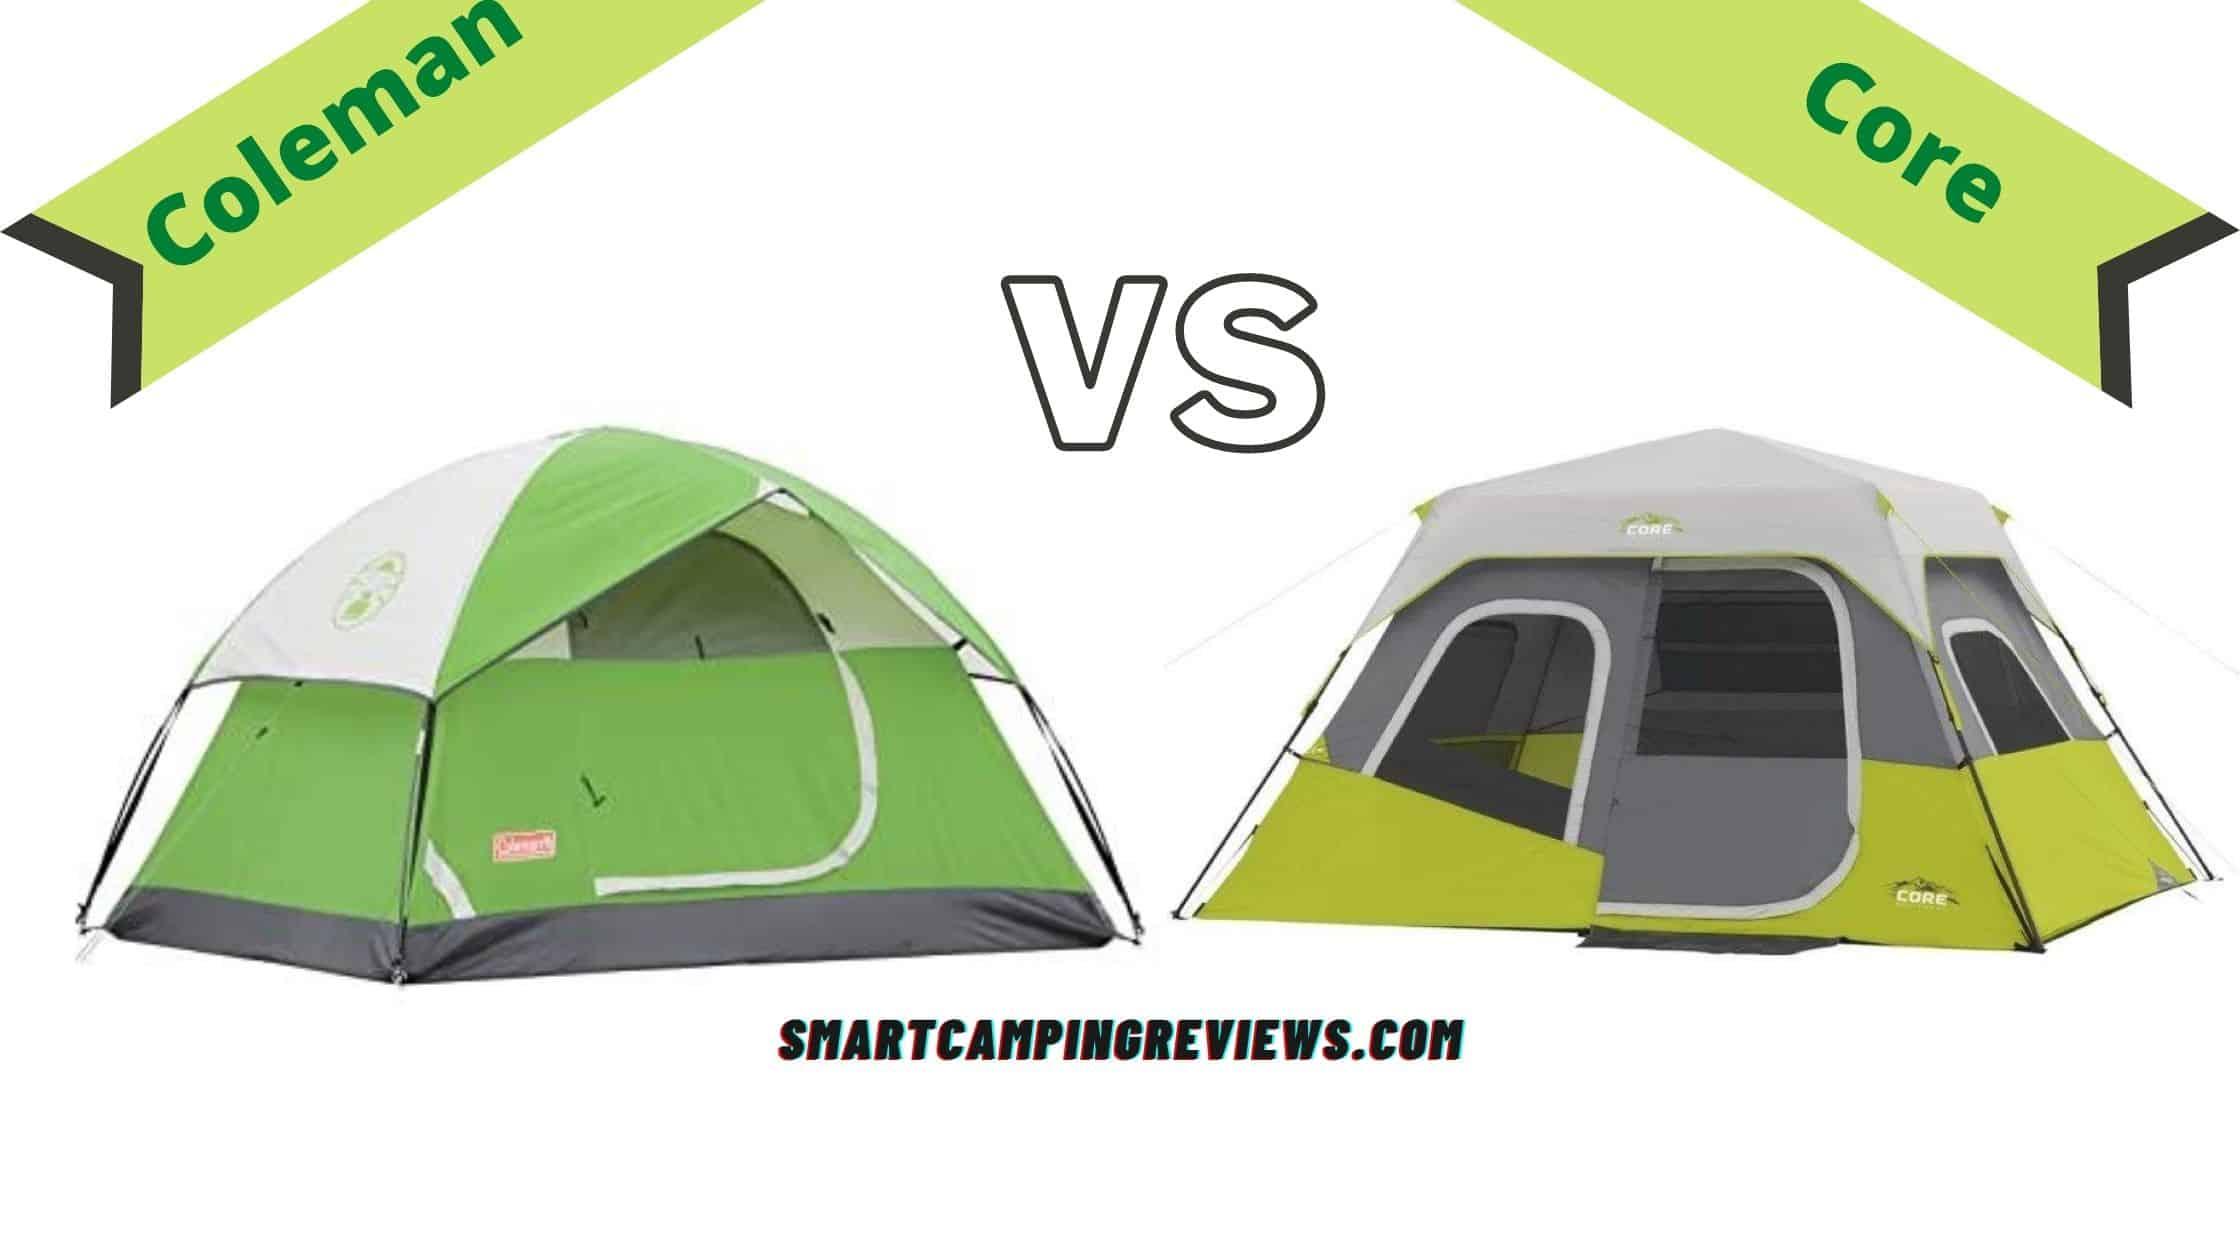 Core Tents vs Coleman Tents